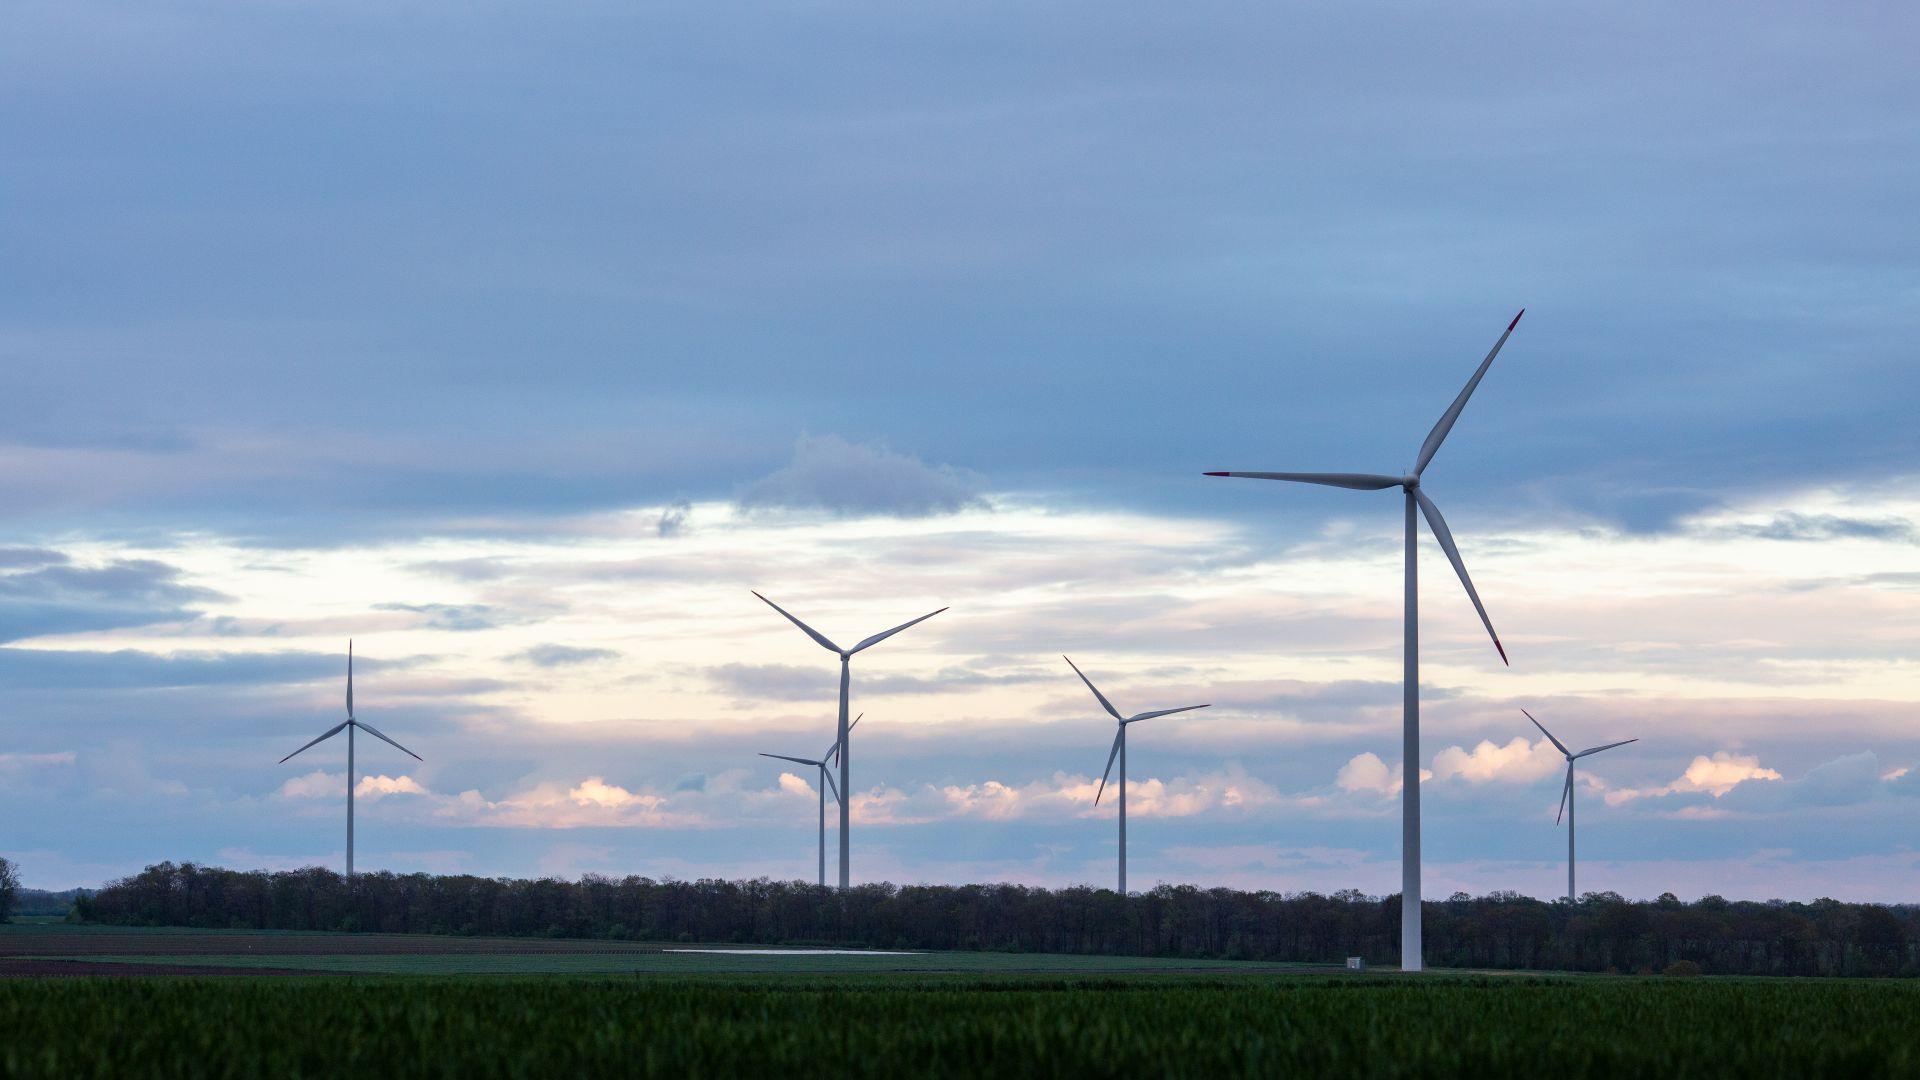 """Вятърният парк """"Св. Никола"""" произведе електроенергия колкото годишното потребление на домакинствата в град като Добрич"""